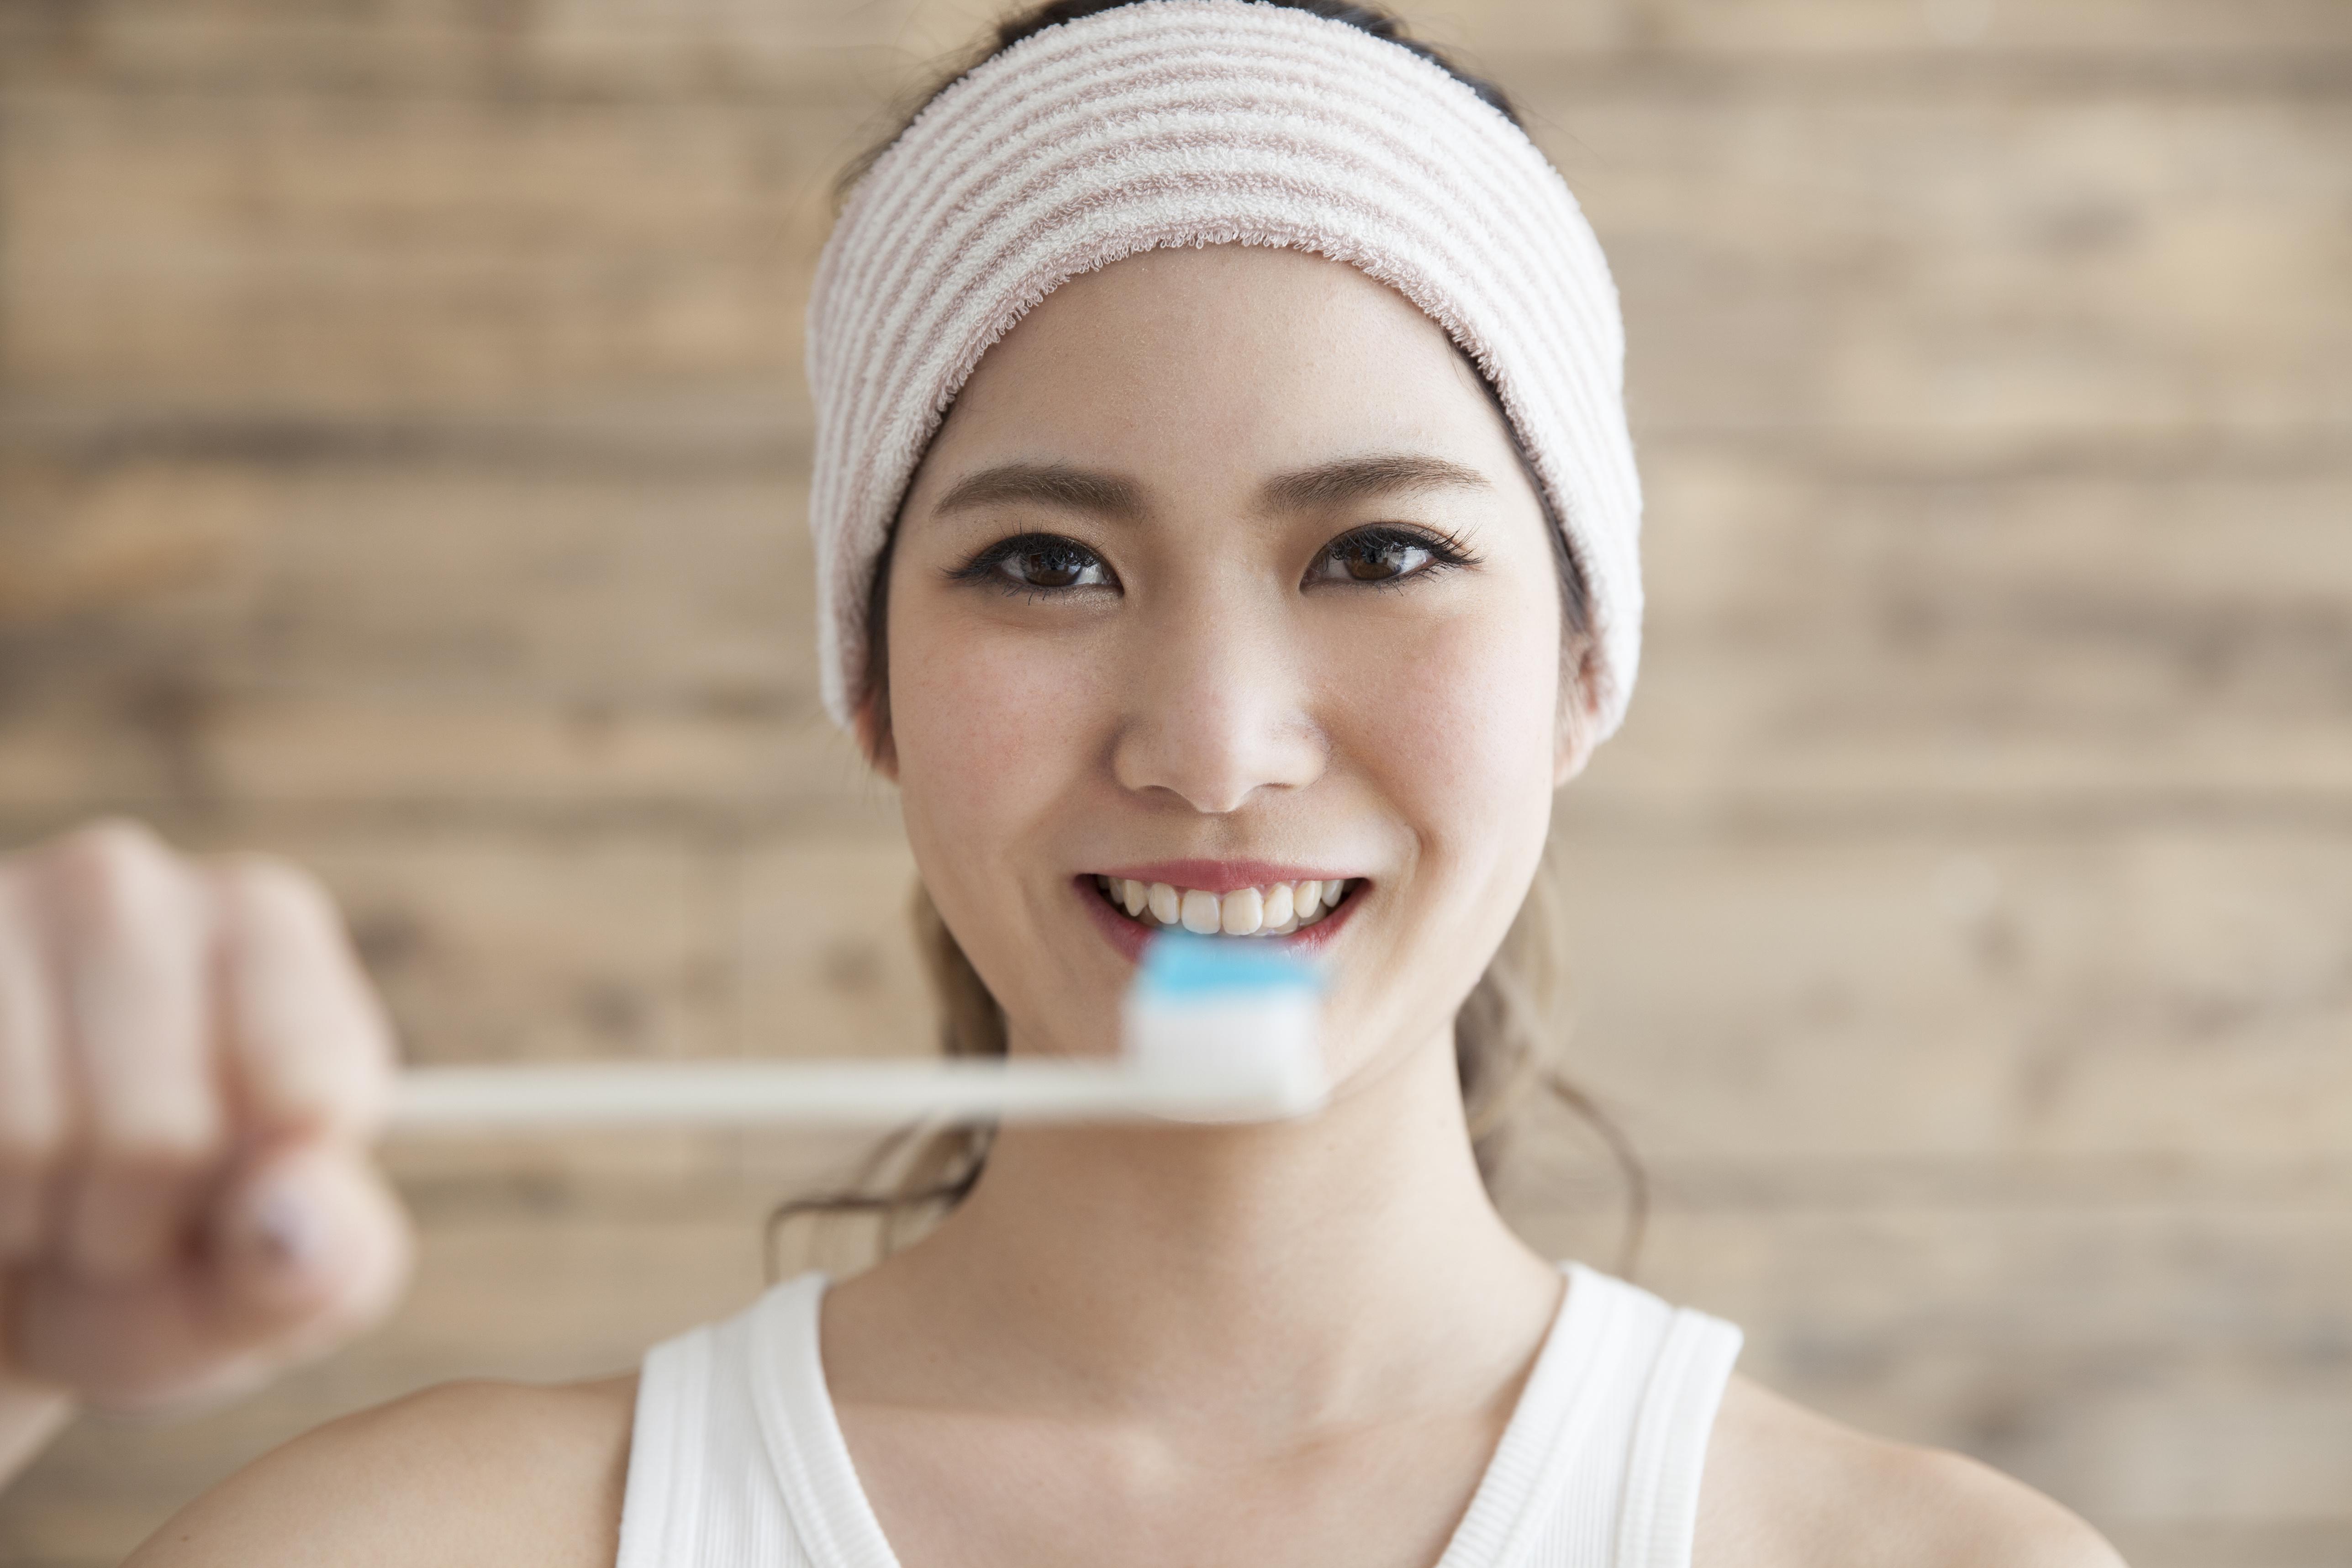 根面う蝕を考える!歯の根が見えた時(歯根露出)の予防ケア法